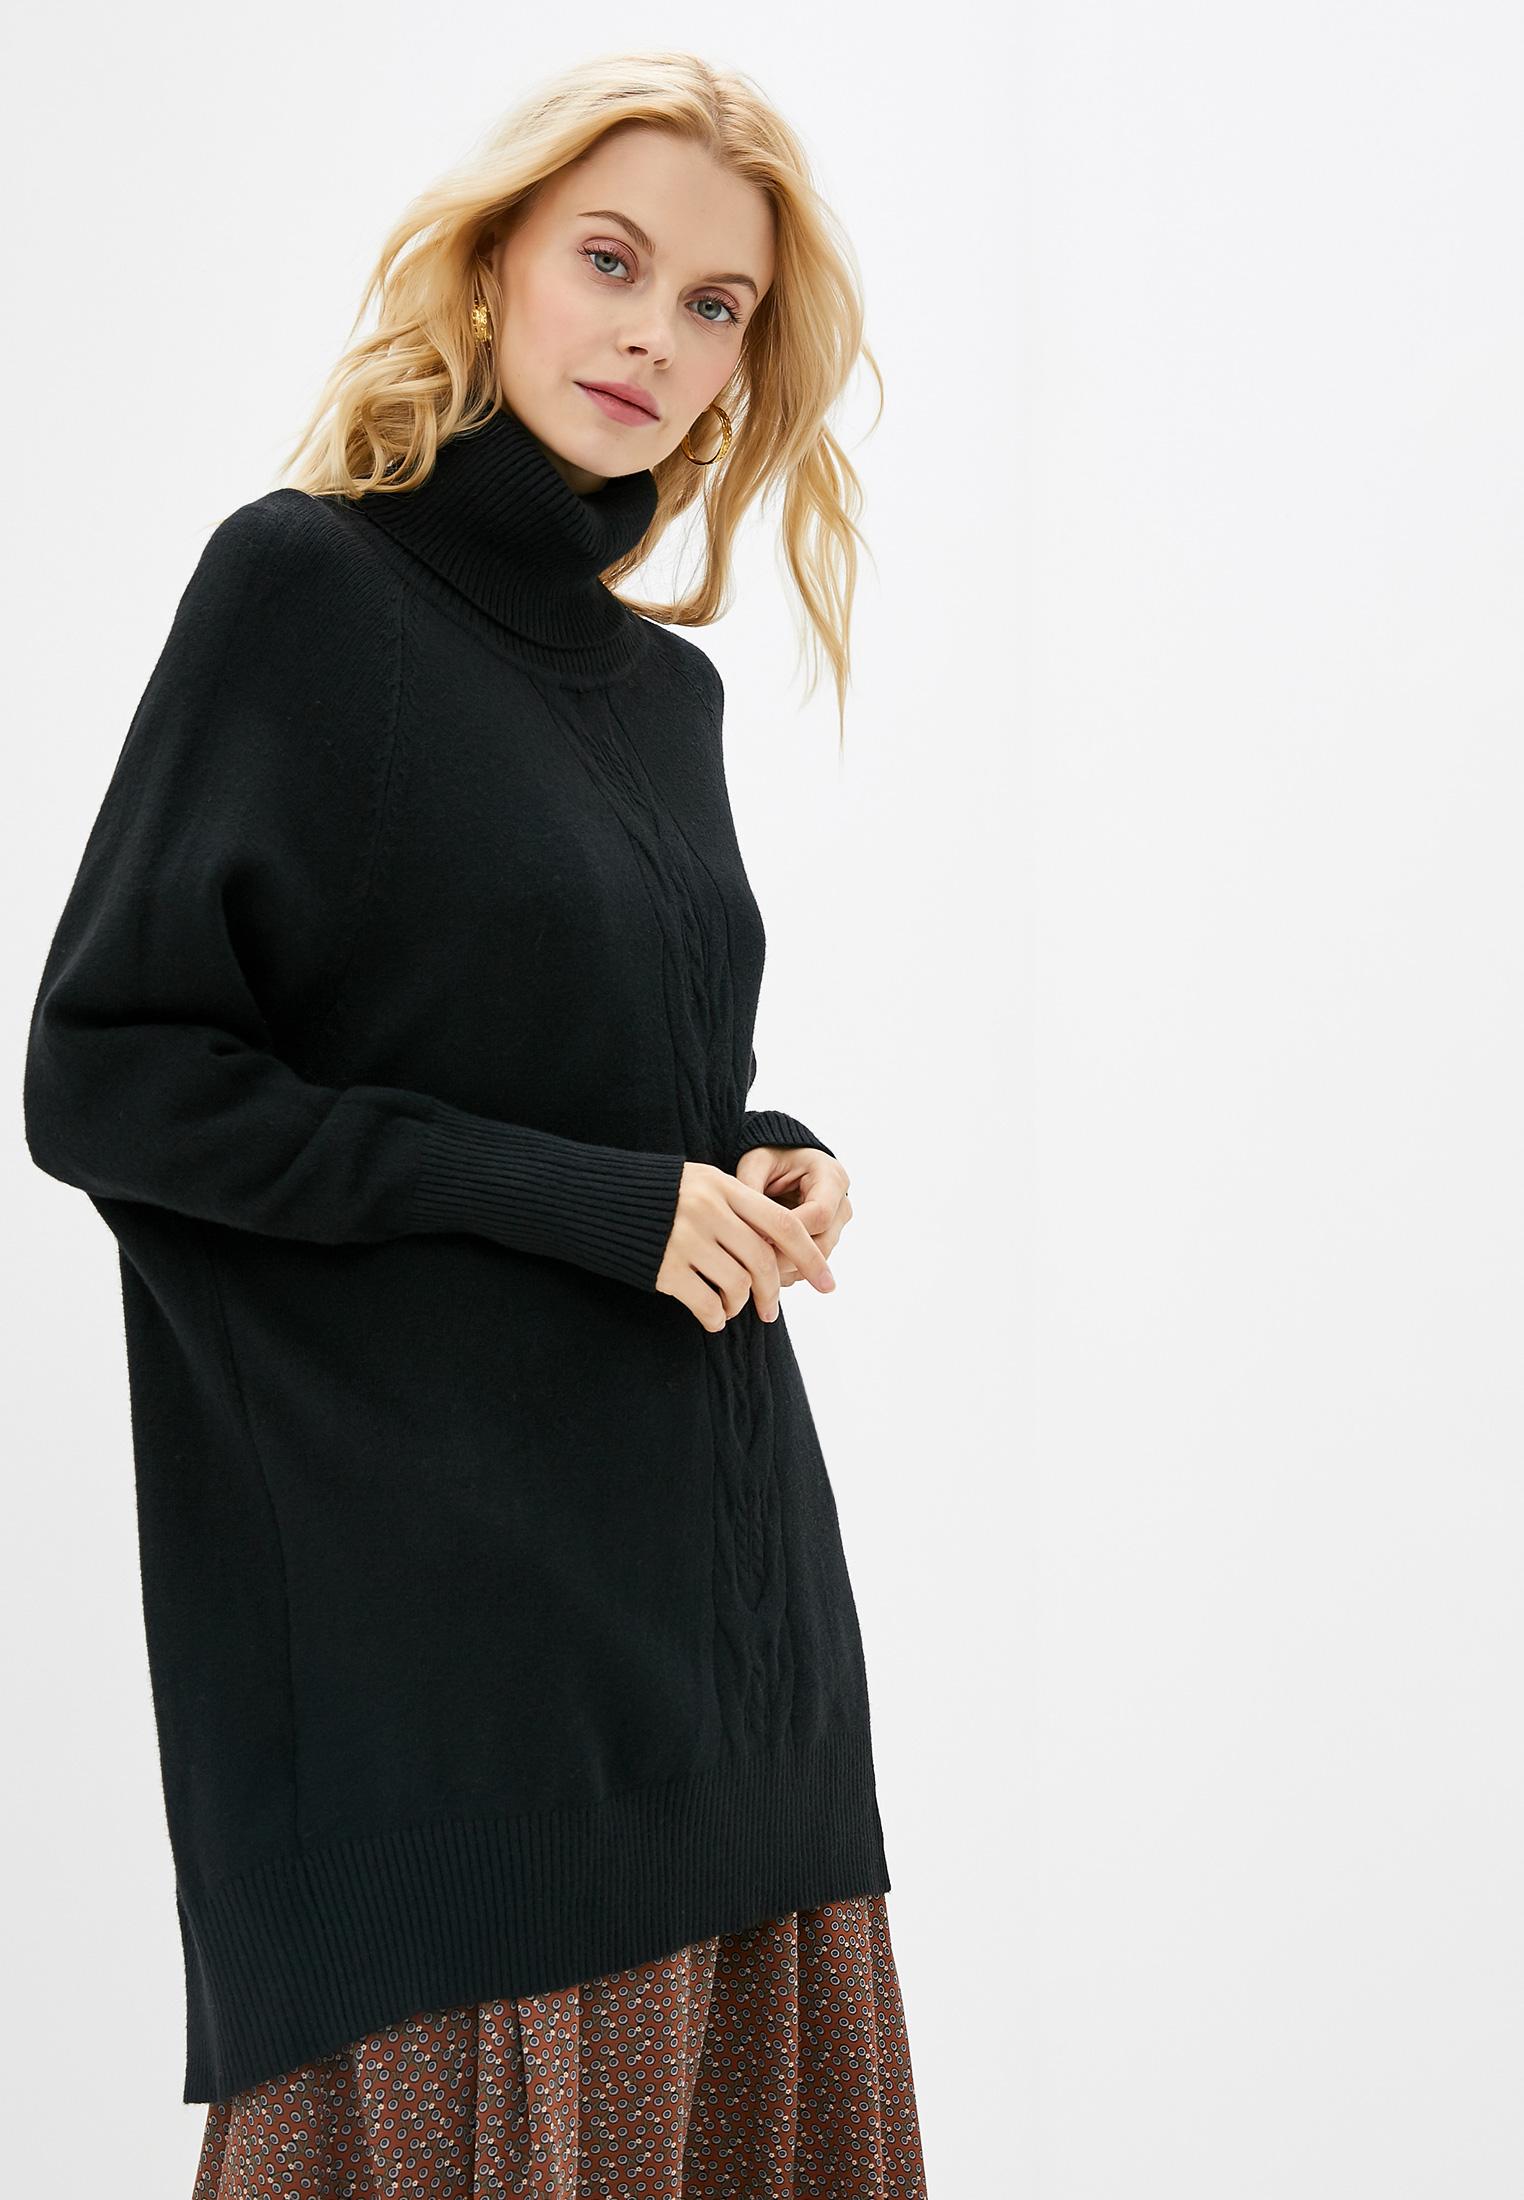 Вязаное платье Moocci M8192